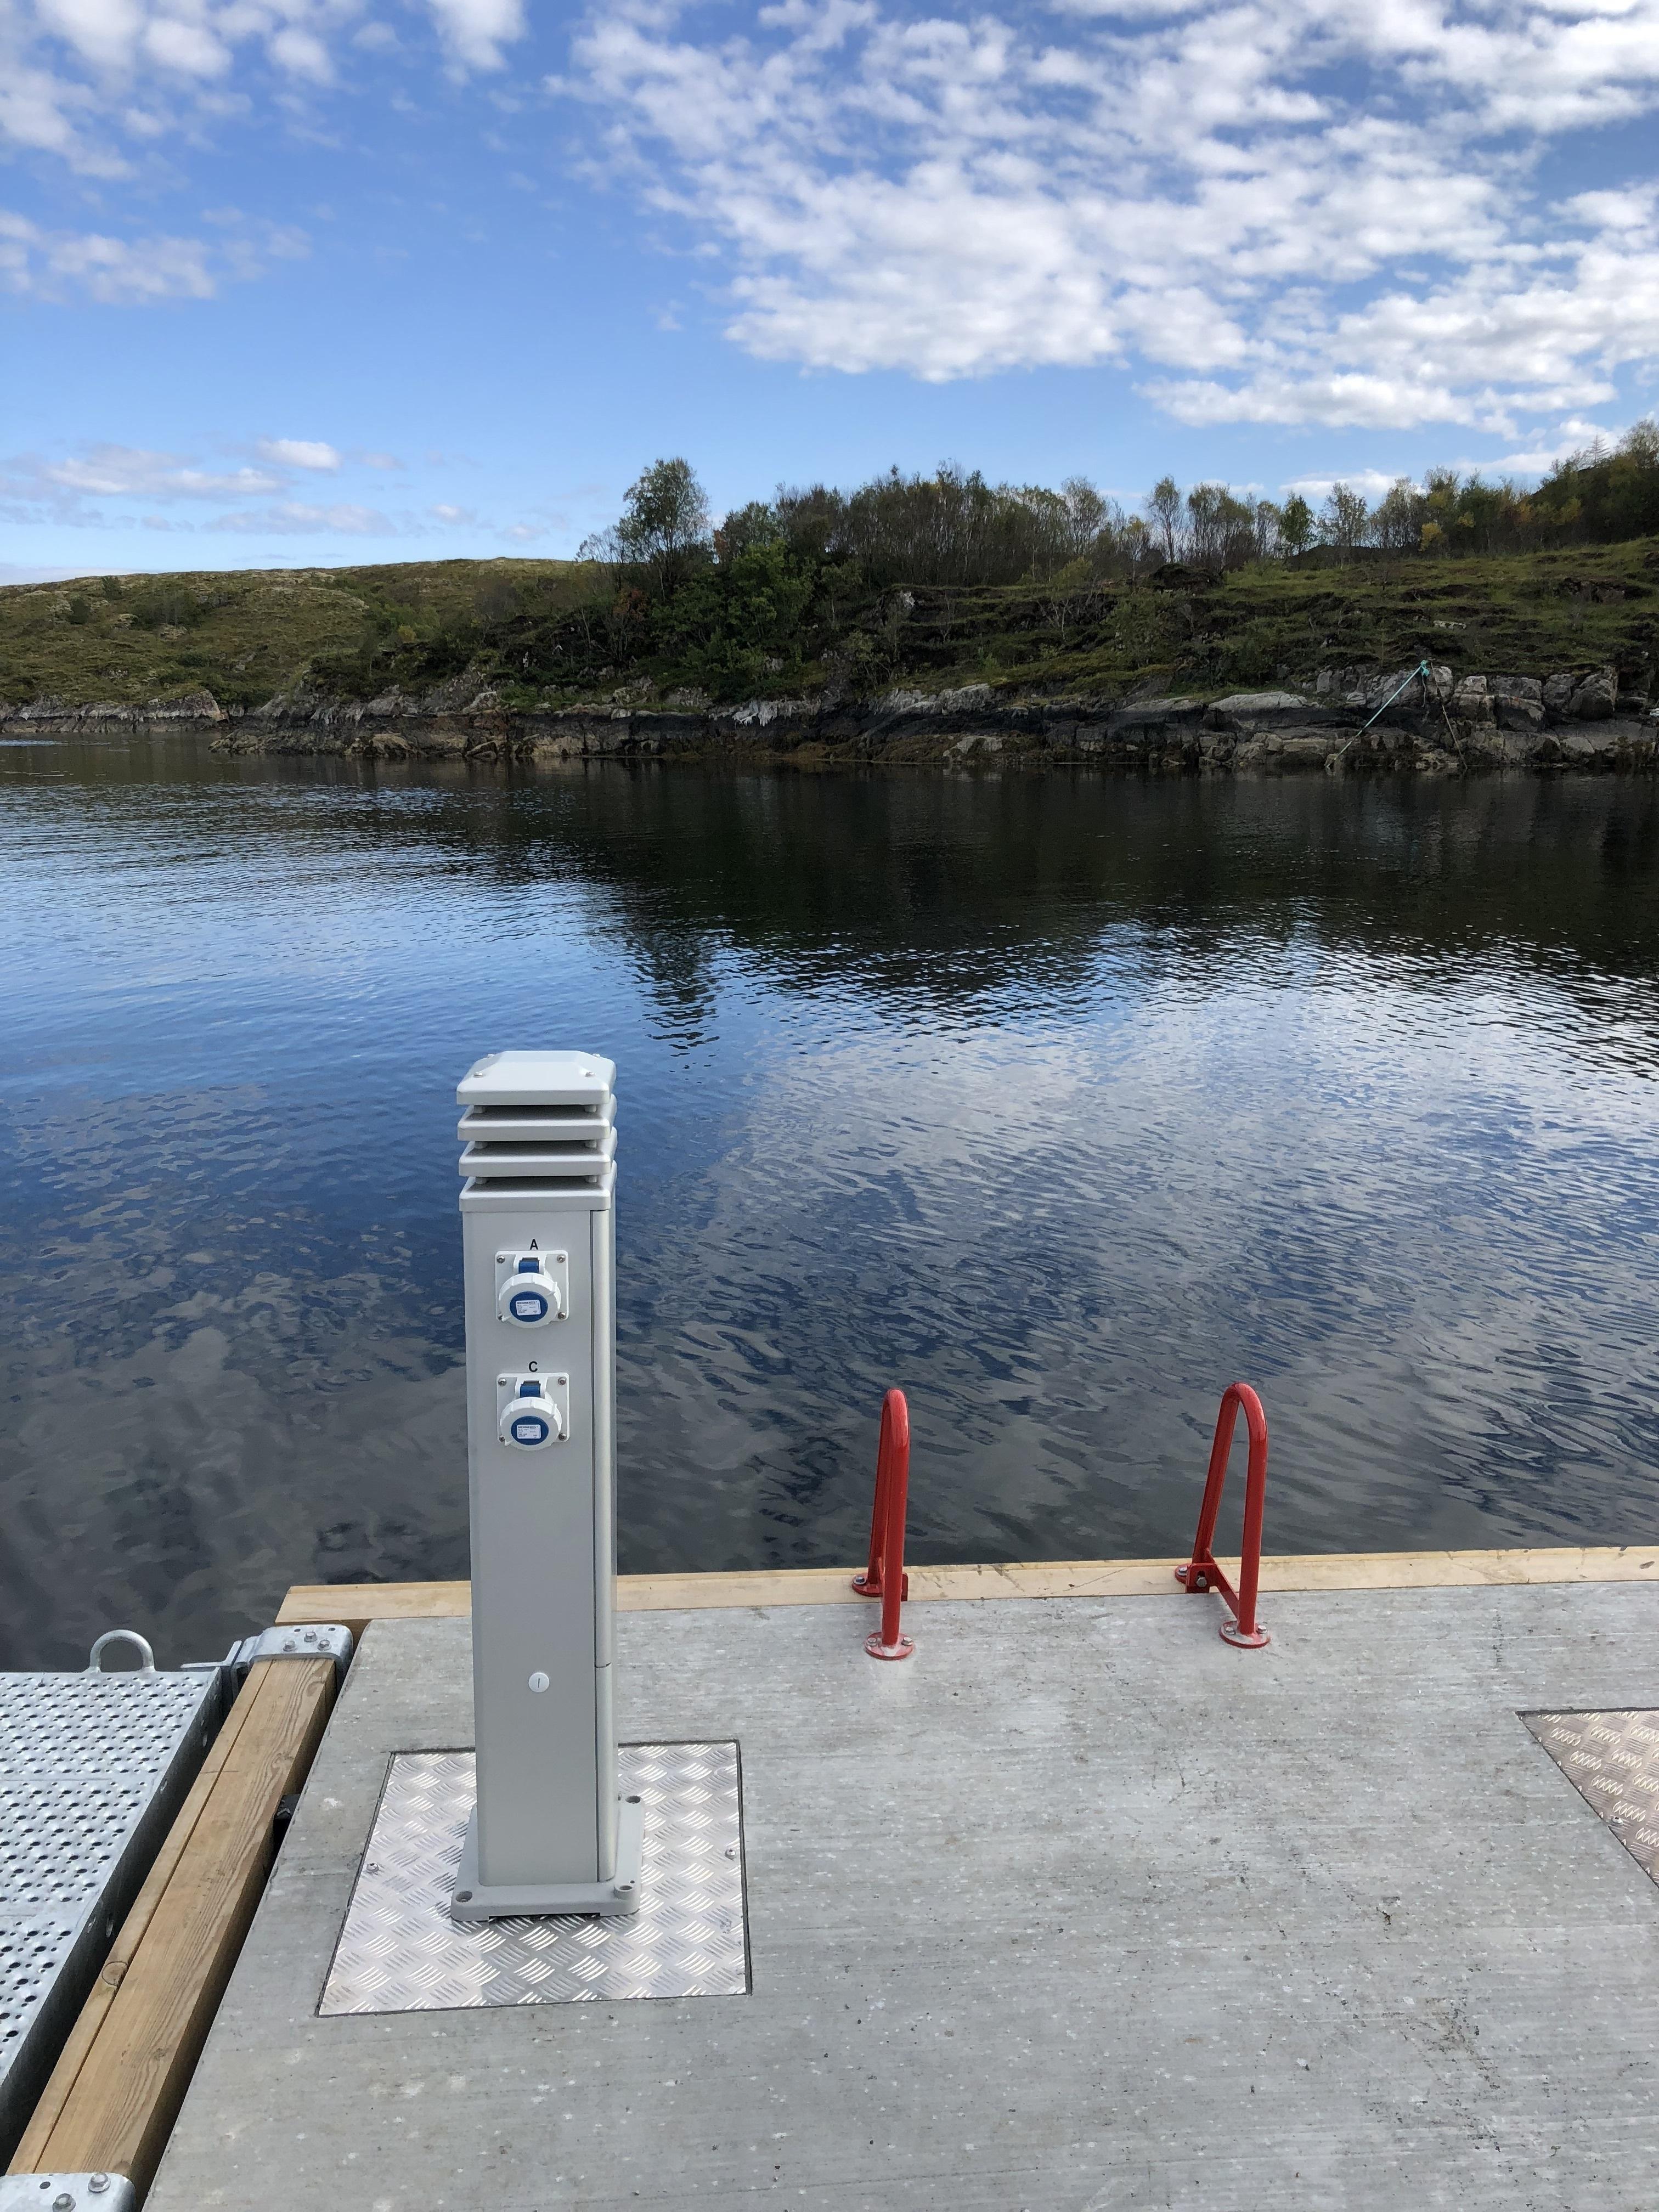 https://marinasolutions.no/uploads/Strømsøyler-og-redningsleider-Rørvik-Marina-Solutions-Tallykey2.jpg